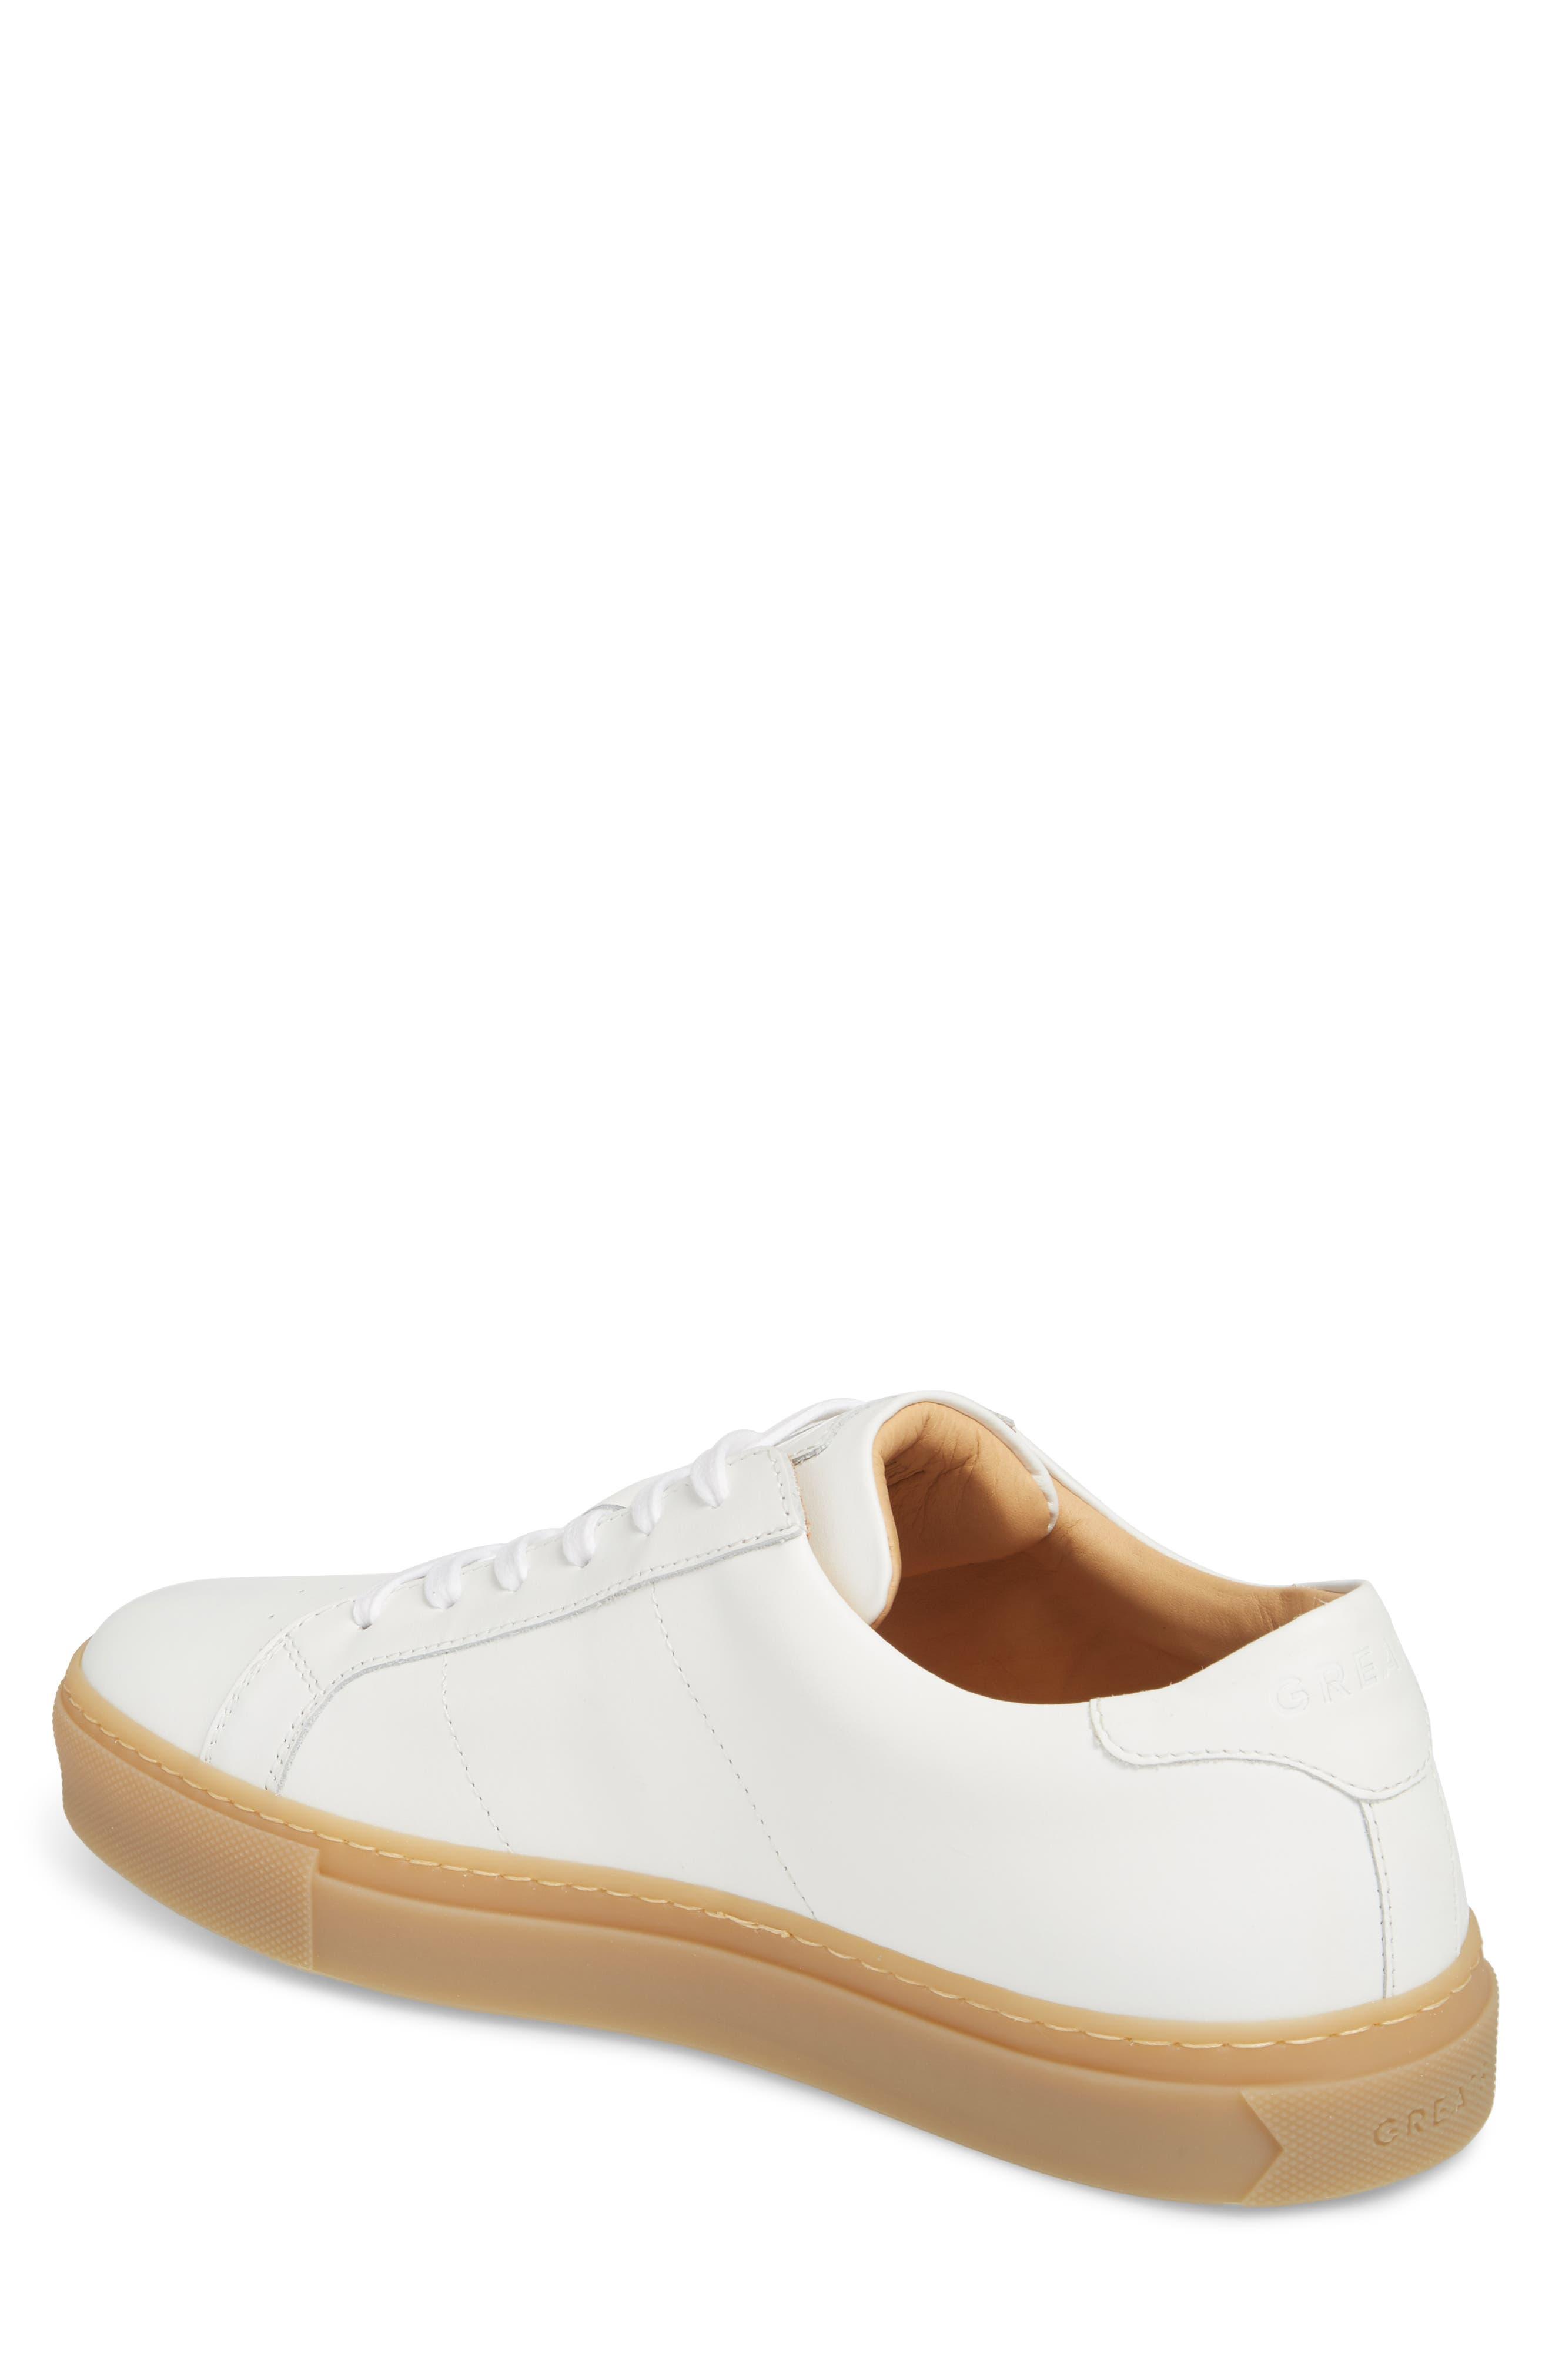 Royale Reverse Sneaker,                             Alternate thumbnail 2, color,                             White/ Gum